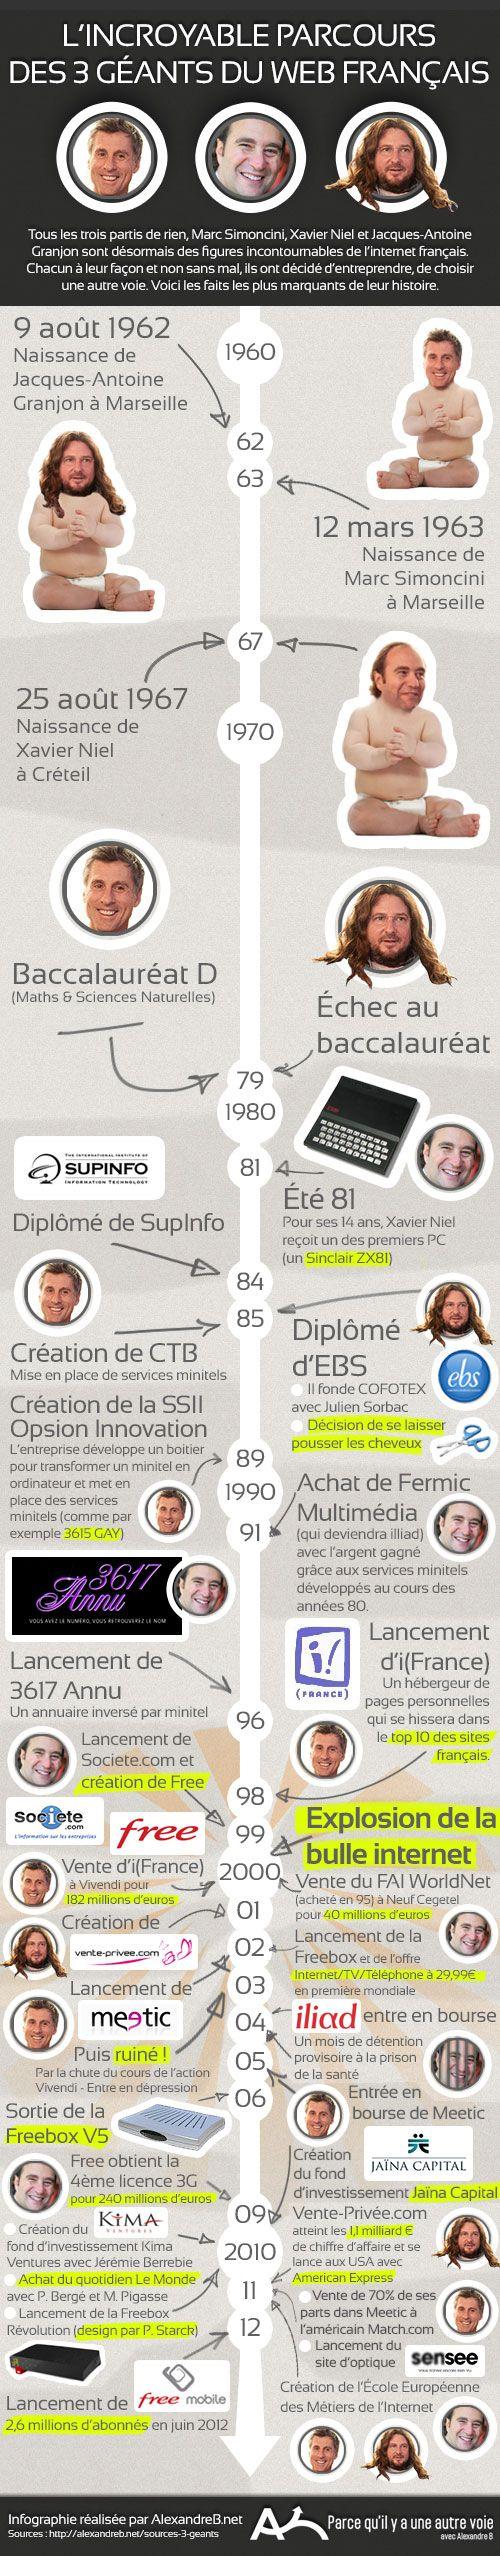 Tous les 3 partis de rien, Marc Simoncini, Xavier Niel et Jacques-Antoine Granjon sont désormais des figures incontournables de l'internet français. Chacun à leur façon et non sans mal, ils ont décidé d'entreprendre, de choisir une autre voie. Voici les faits les plus marquants de leur histoire.